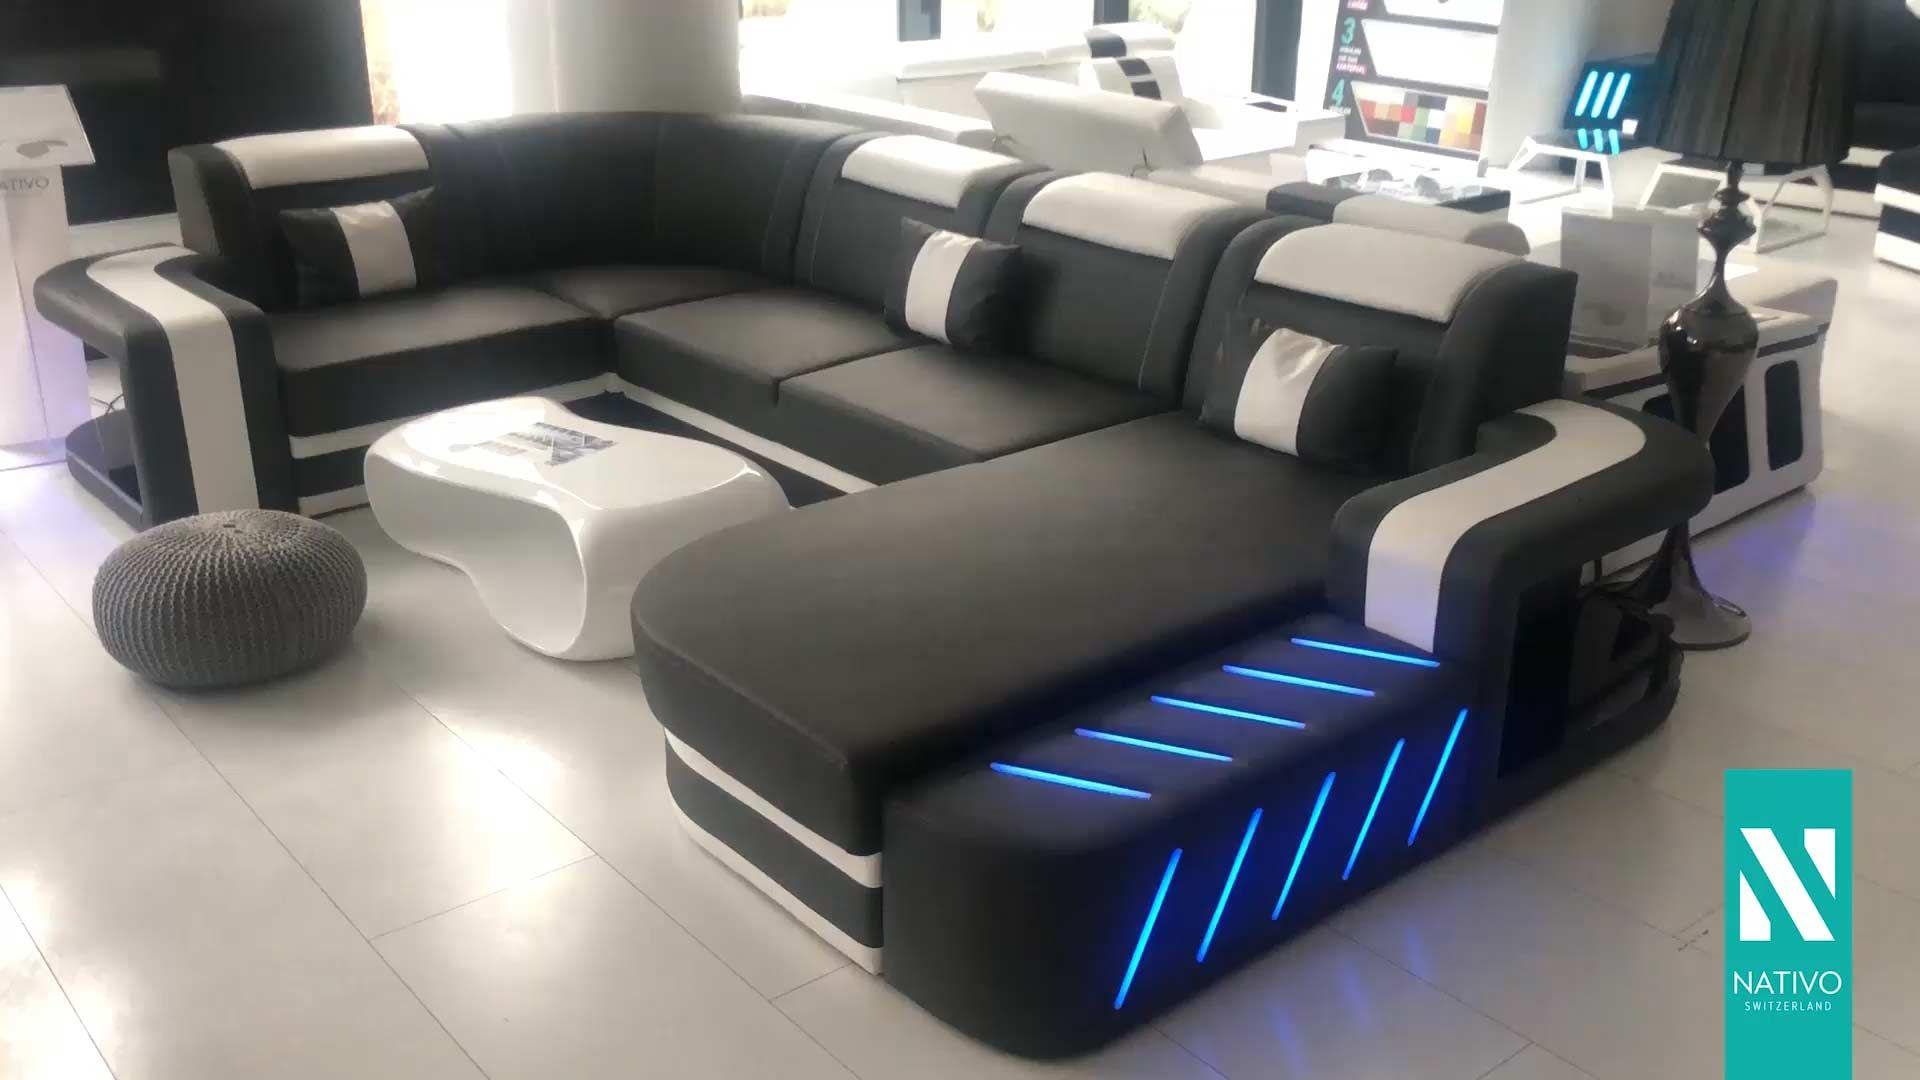 Pin By Nativo Namestaj Srbija On Salon Namestaja Nativo Srbija Sofa Design Sofa Set Luxury Furniture